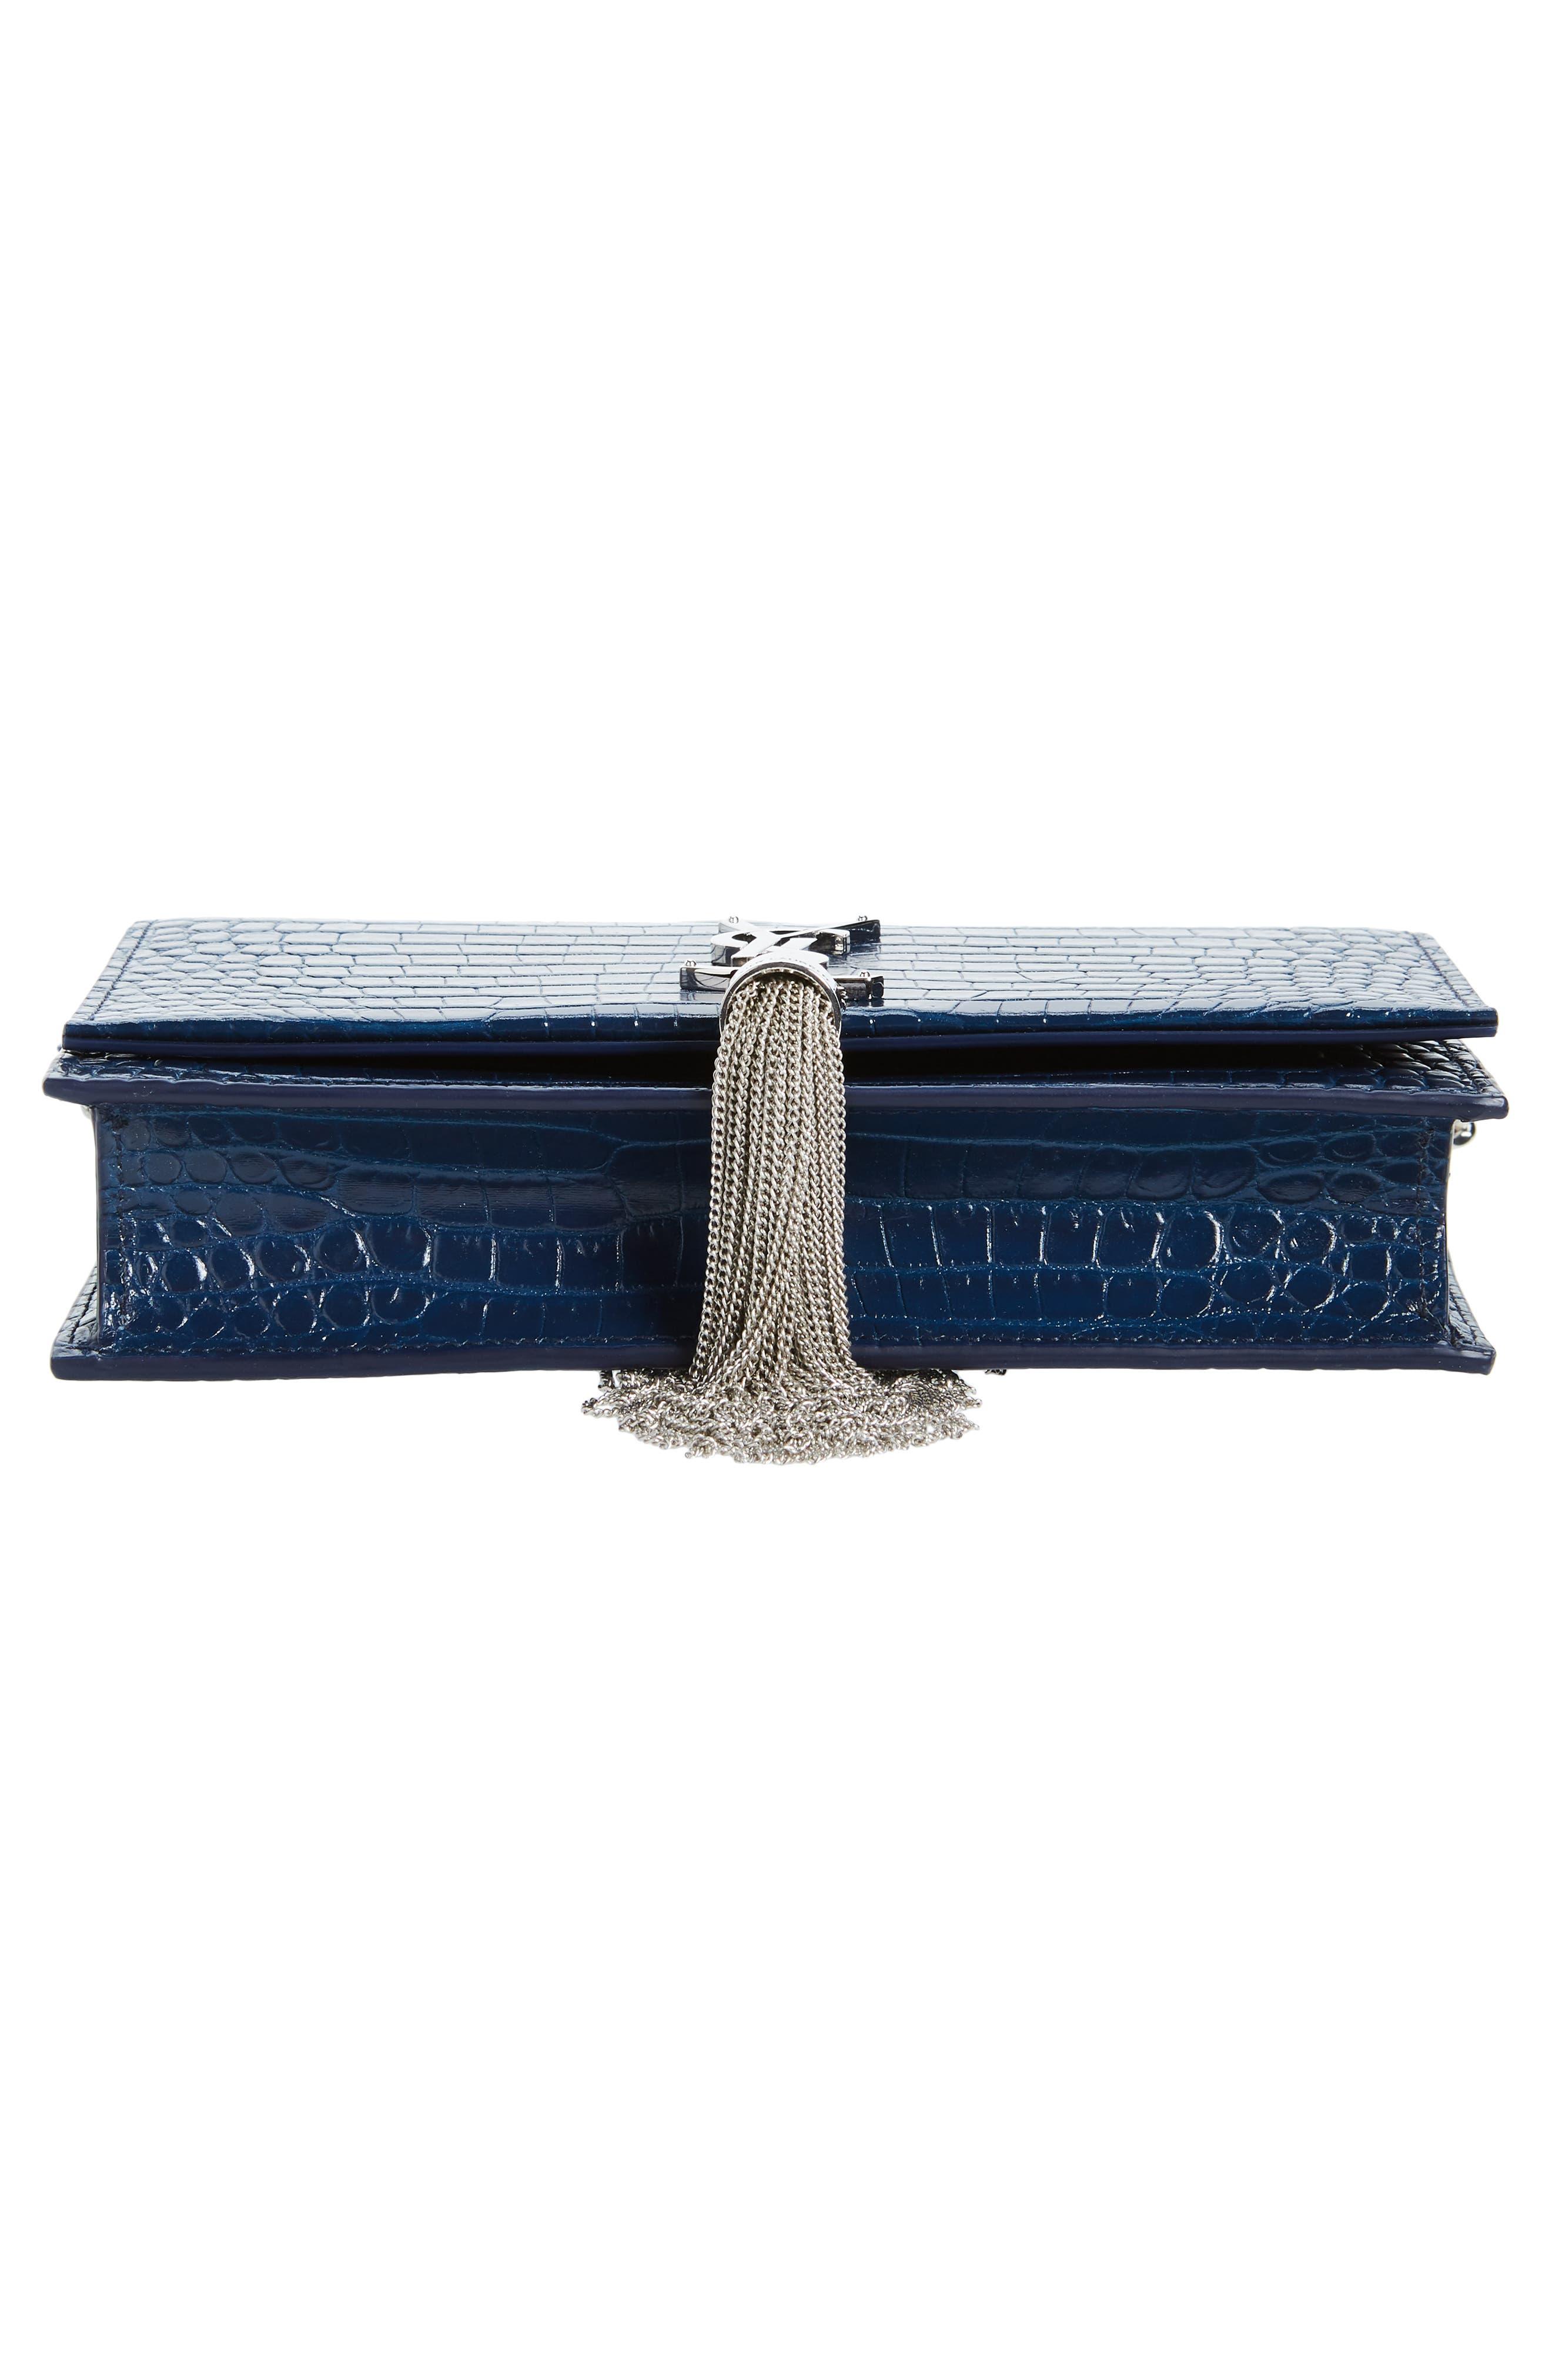 SAINT LAURENT, Kate Croc Embossed Leather Wallet on a Chain, Alternate thumbnail 7, color, DENIM BLUE/ DENIM BLUE